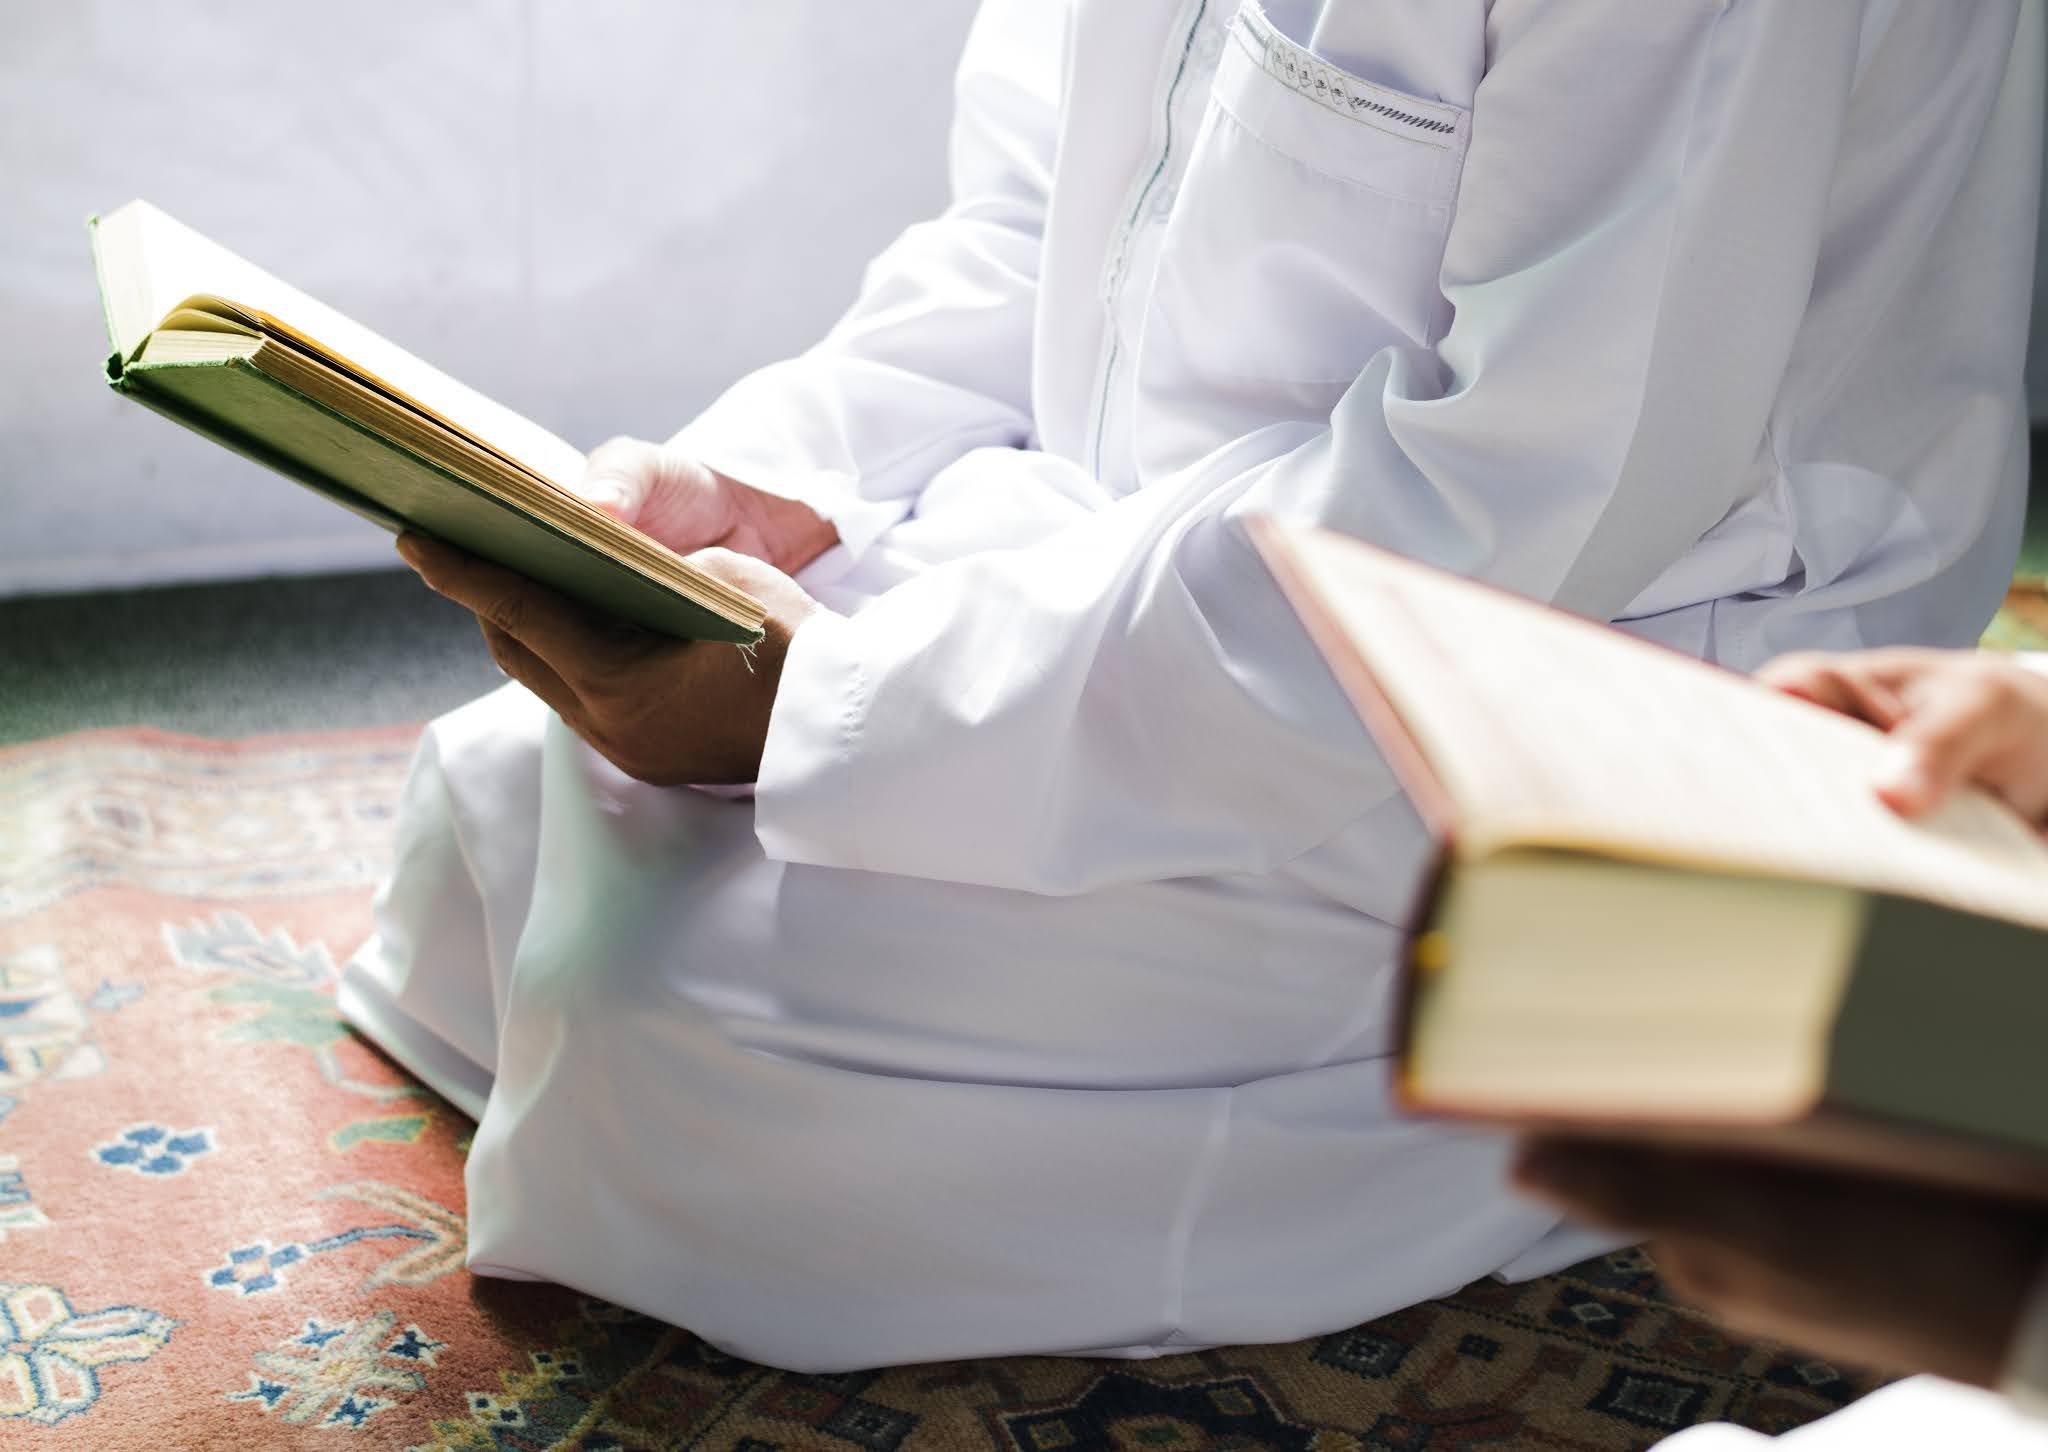 الأمير محمد بن سلمان: القرآن دستورنا.. ونرفض التطرف